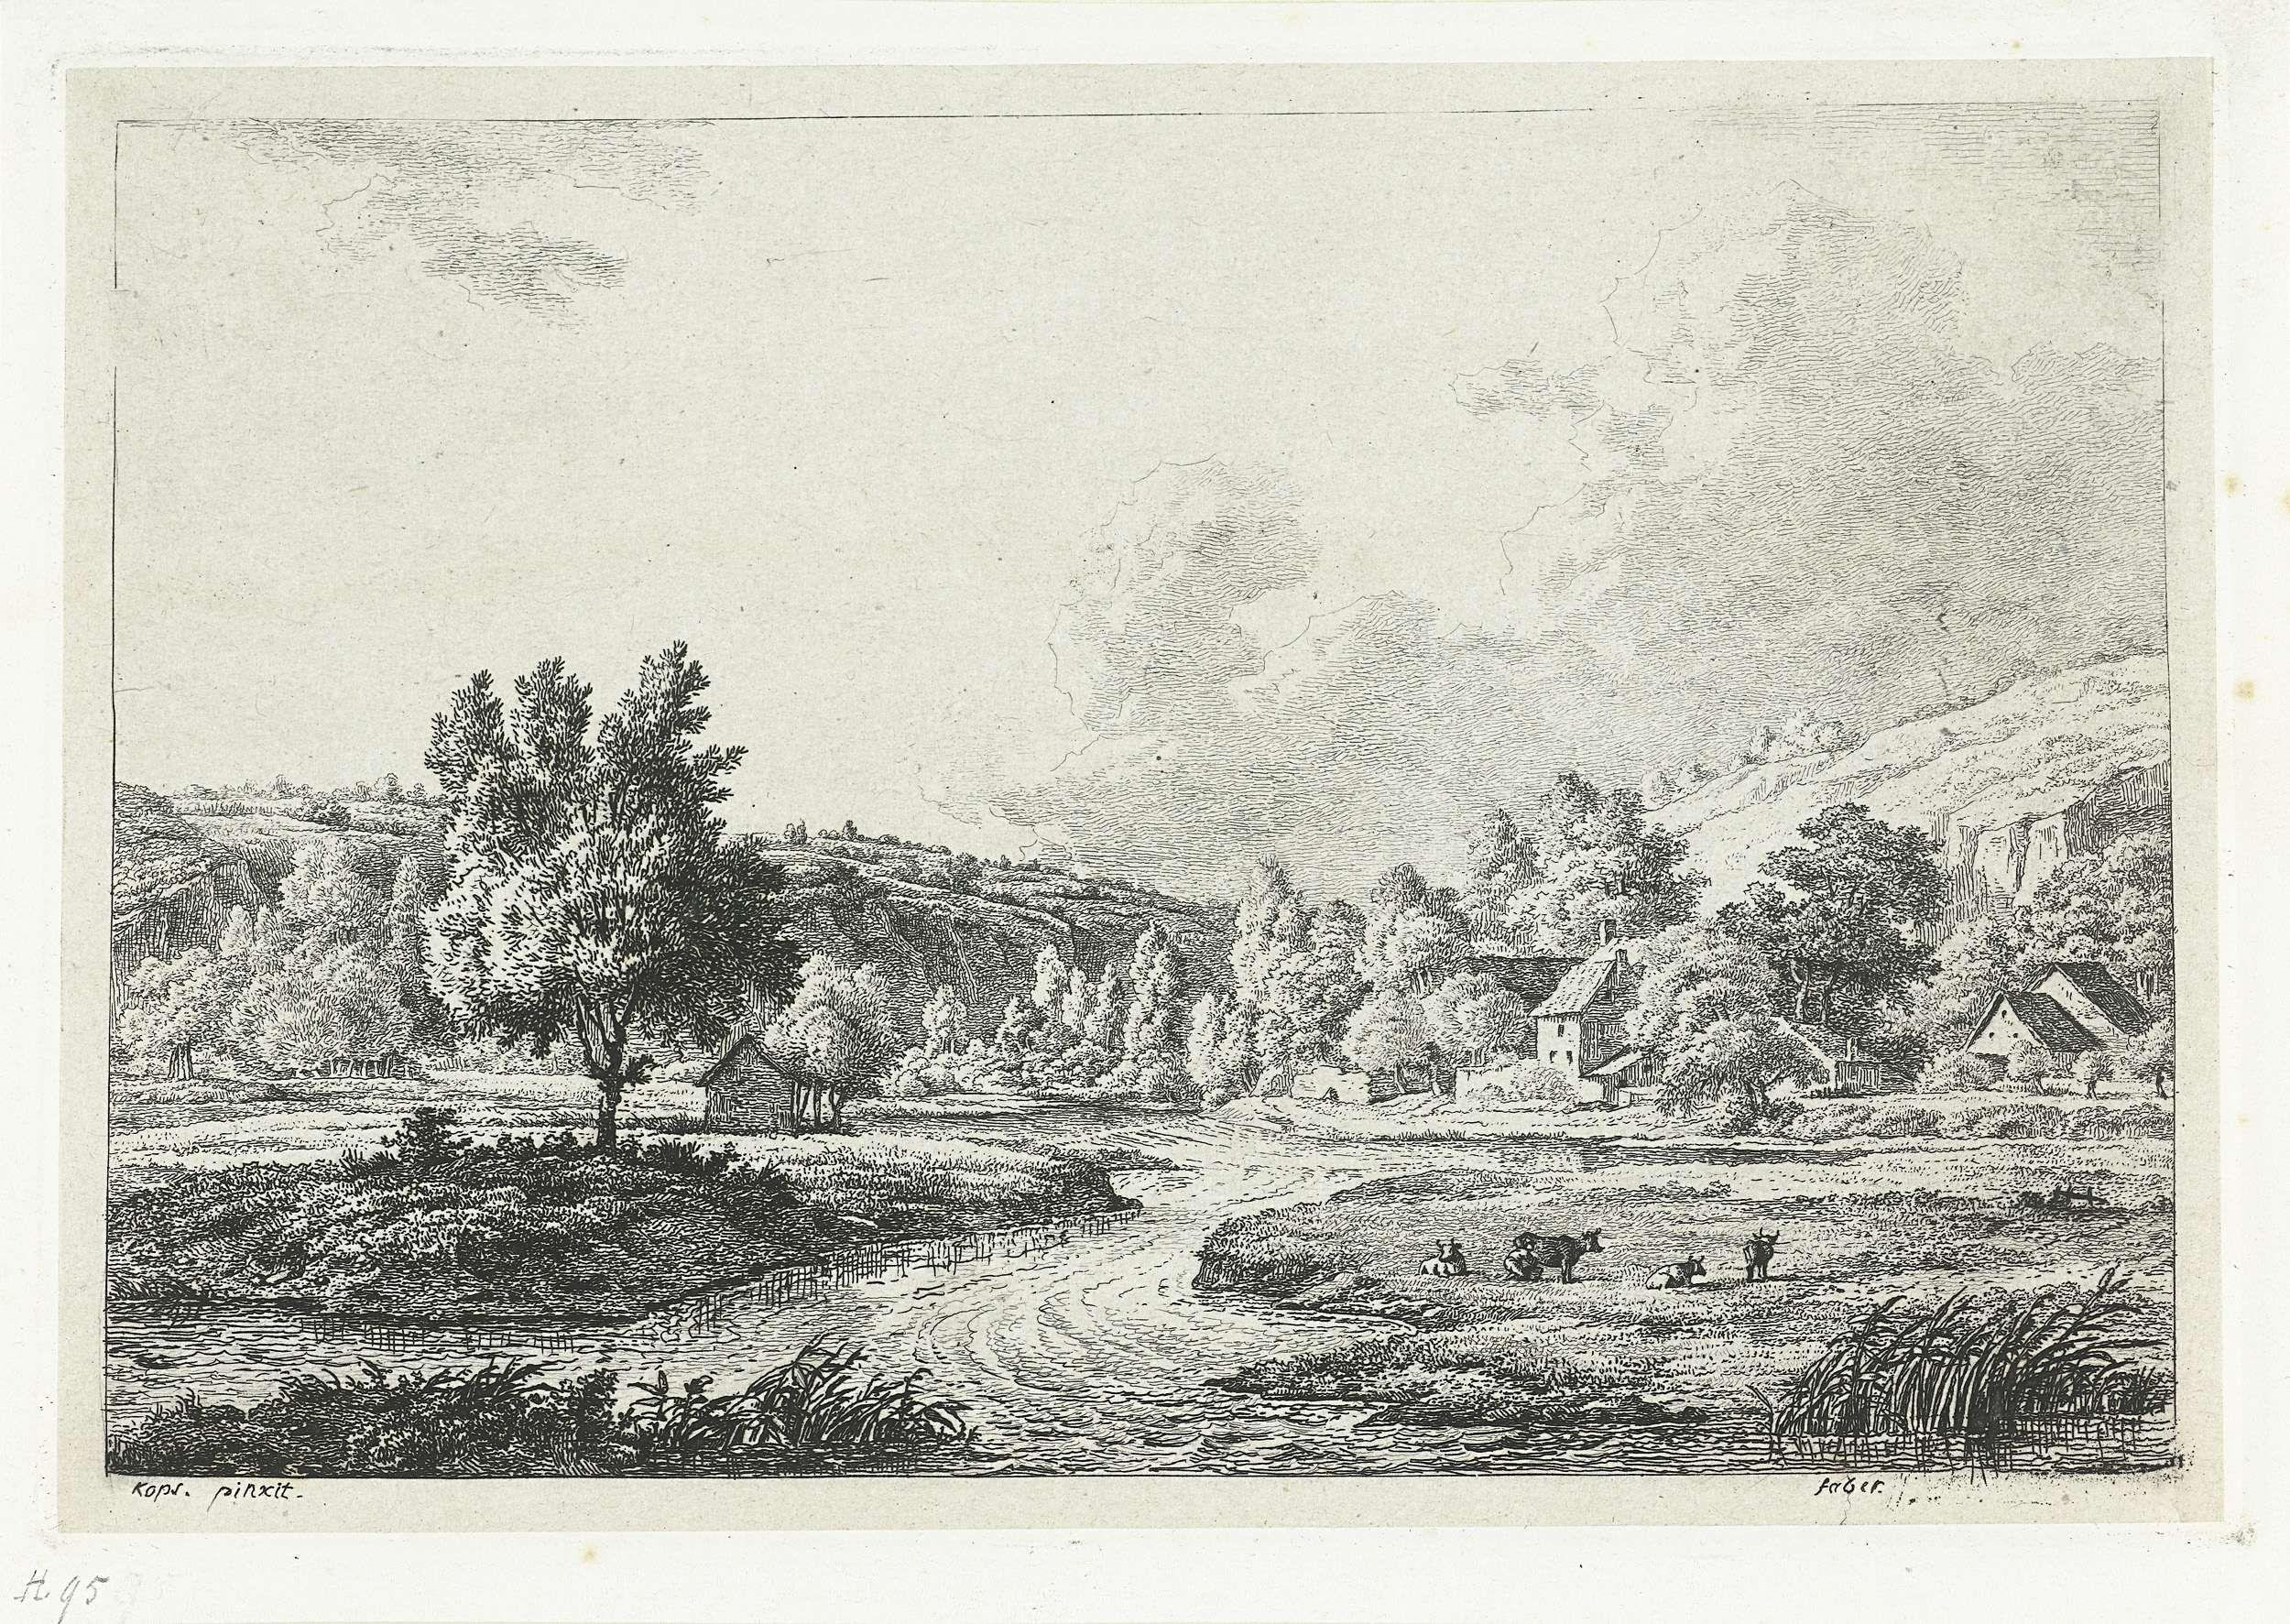 Frédéric Théodore Faber | Bergachtig landschap met rivier, Frédéric Théodore Faber, 1837 - 1840 | Landschap met in het gras langs de rivier enkele koeien. Op de achtergrond, aan de voet van de berg  een dorp.